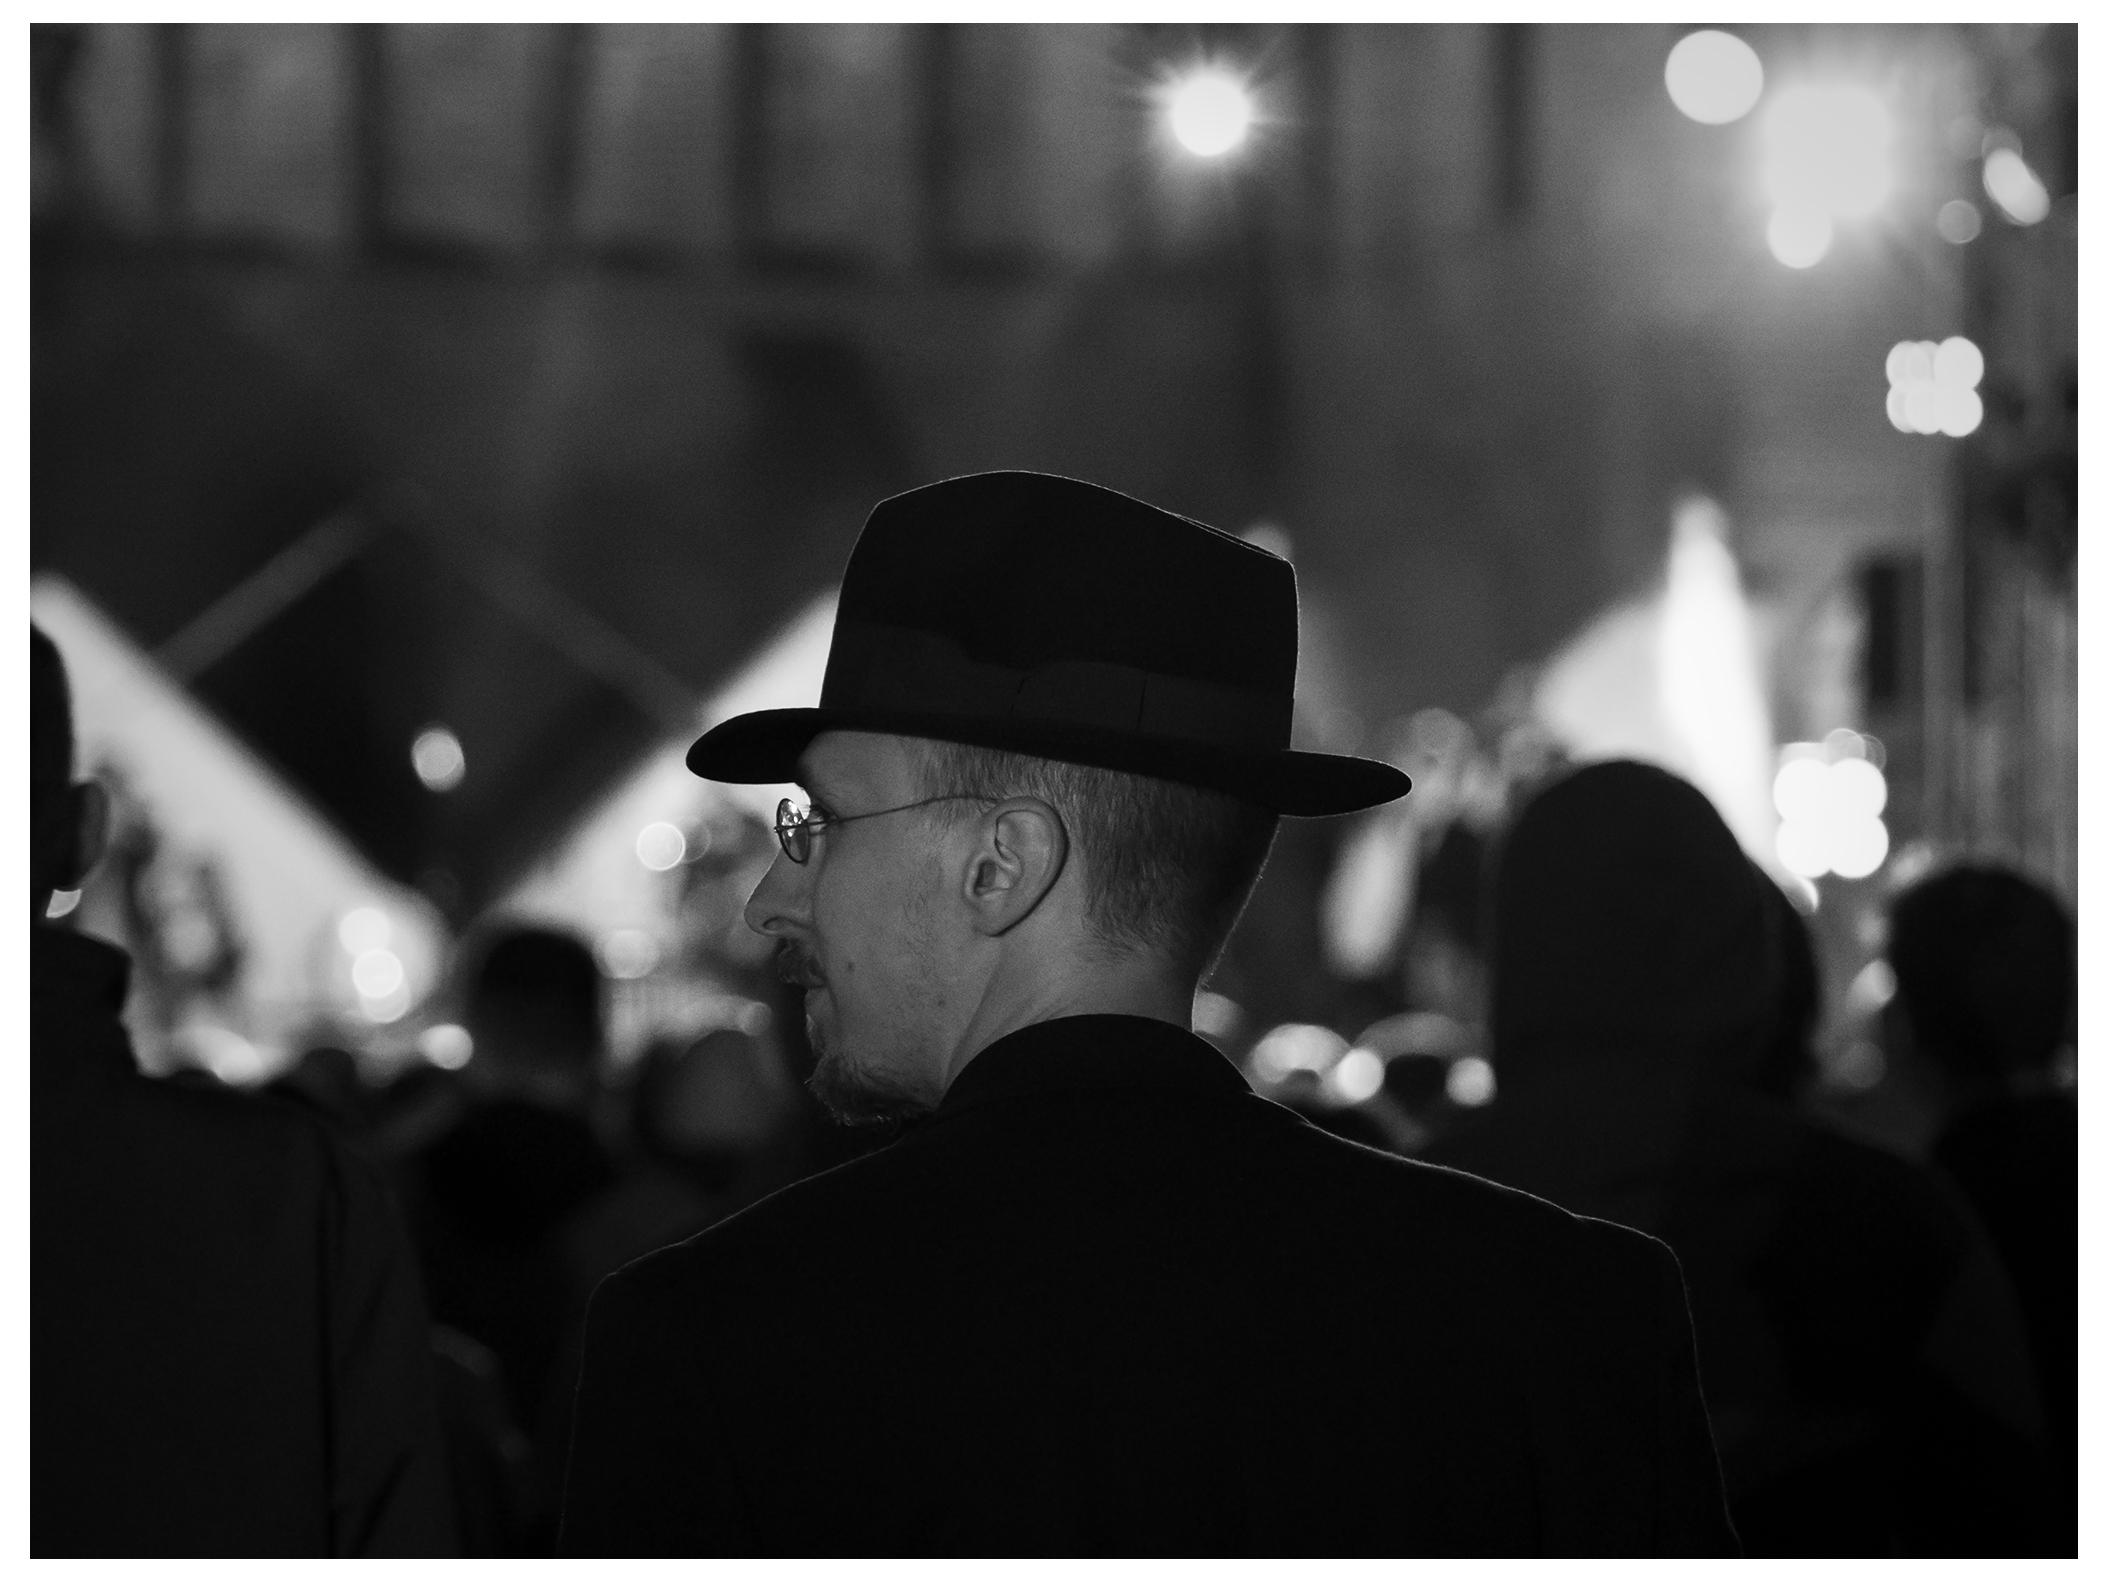 28th Jewish Culture Festival in Krakow